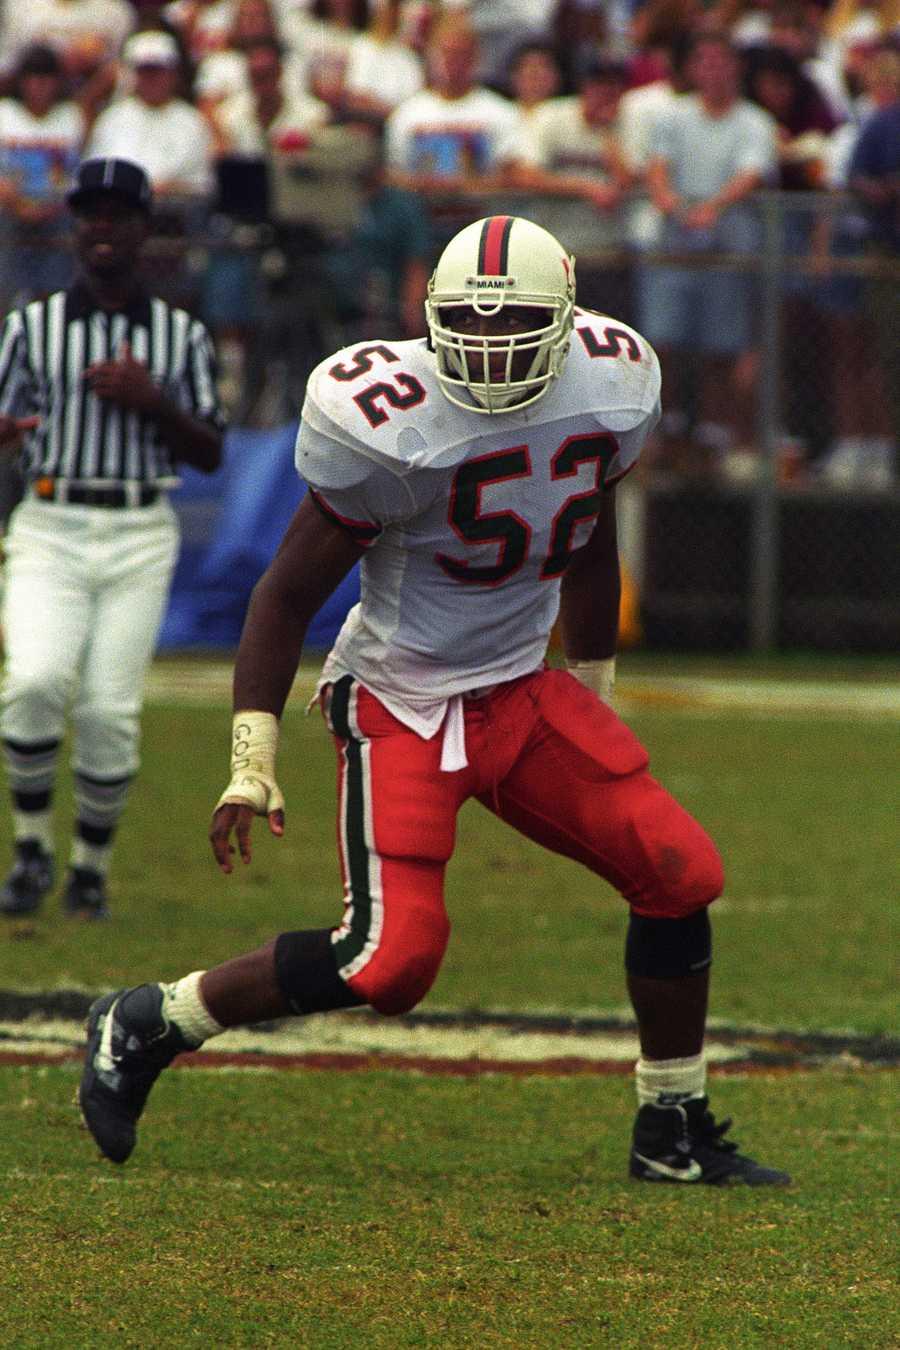 5. Ray Lewis, LB, Miami (1993-95)